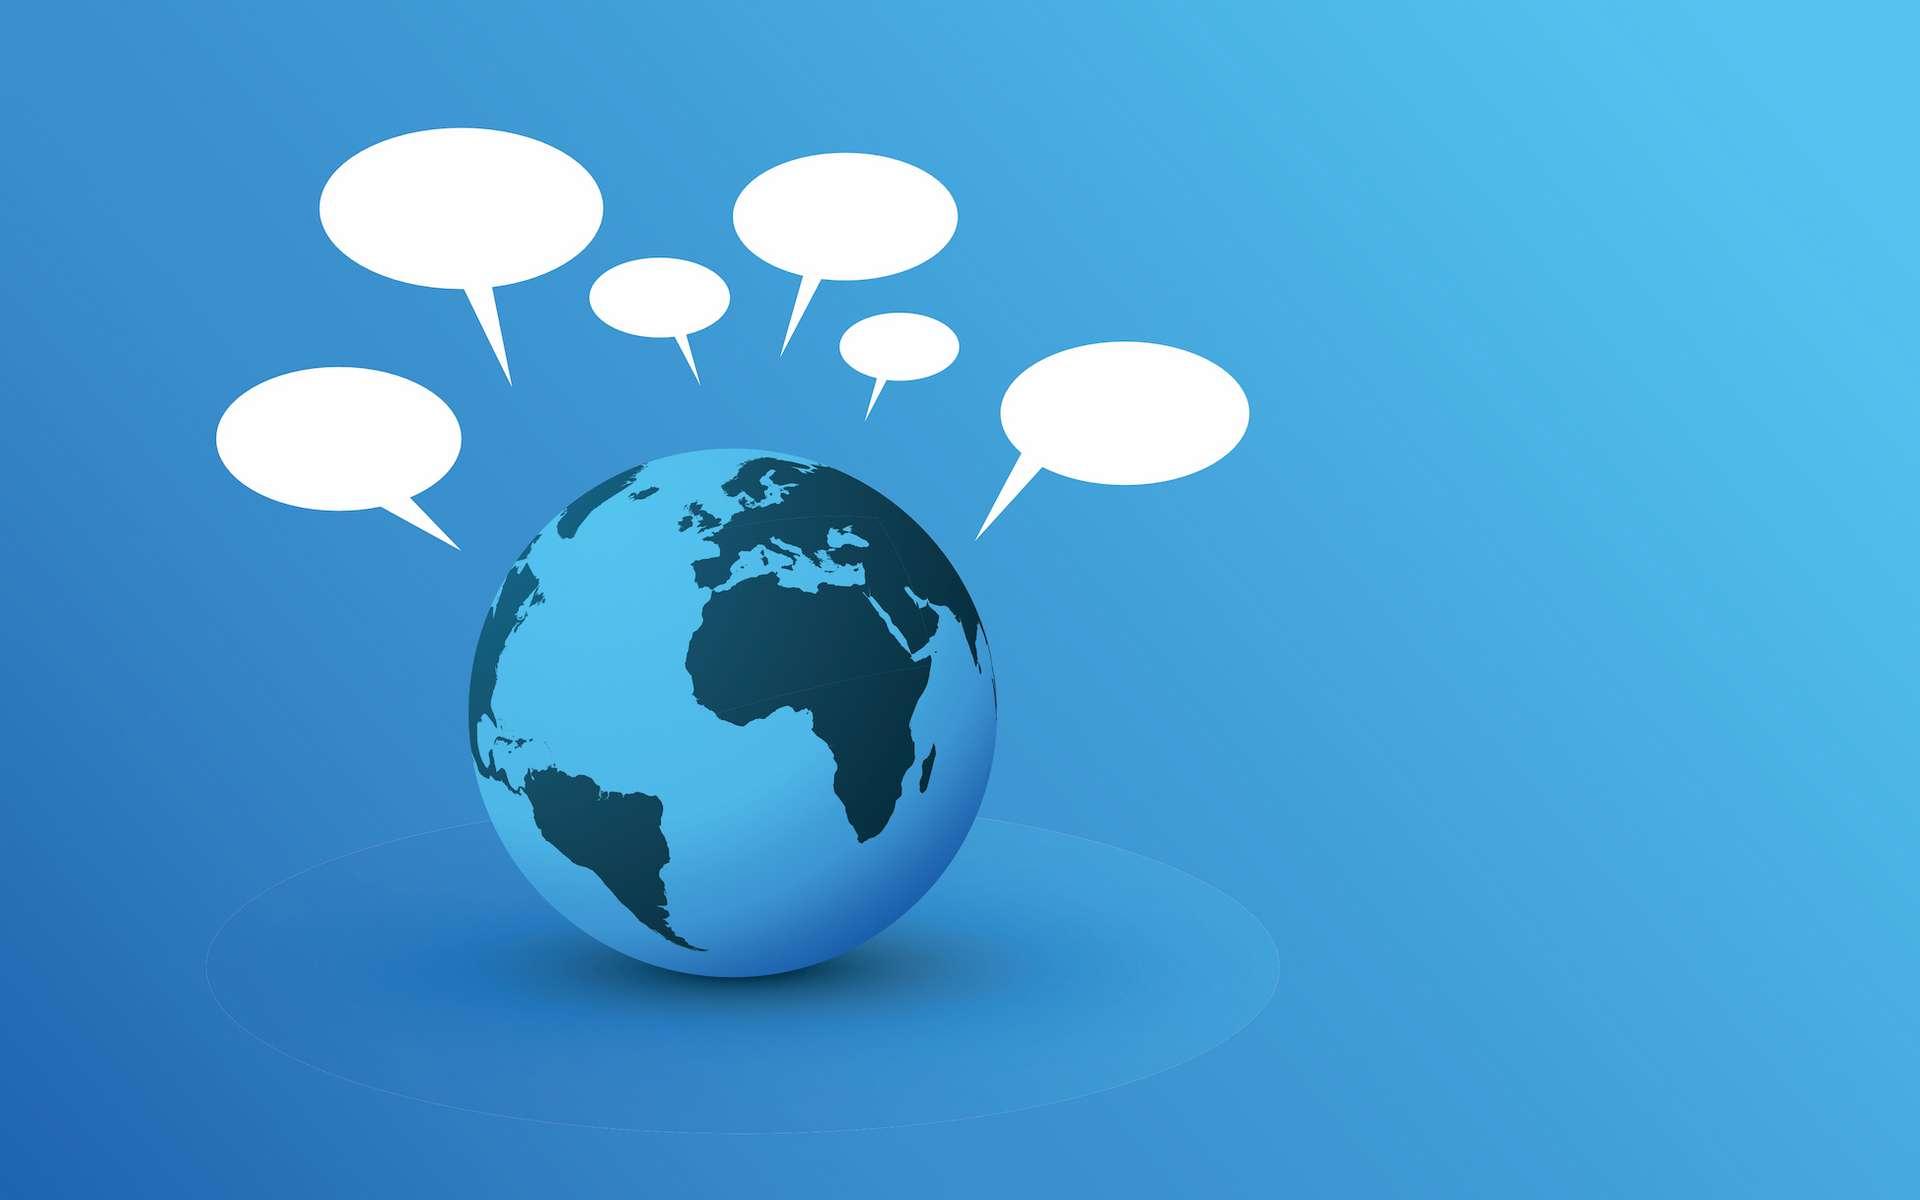 Les pays où l'on parle le plus de langues. © xyz+, Adobe Stock